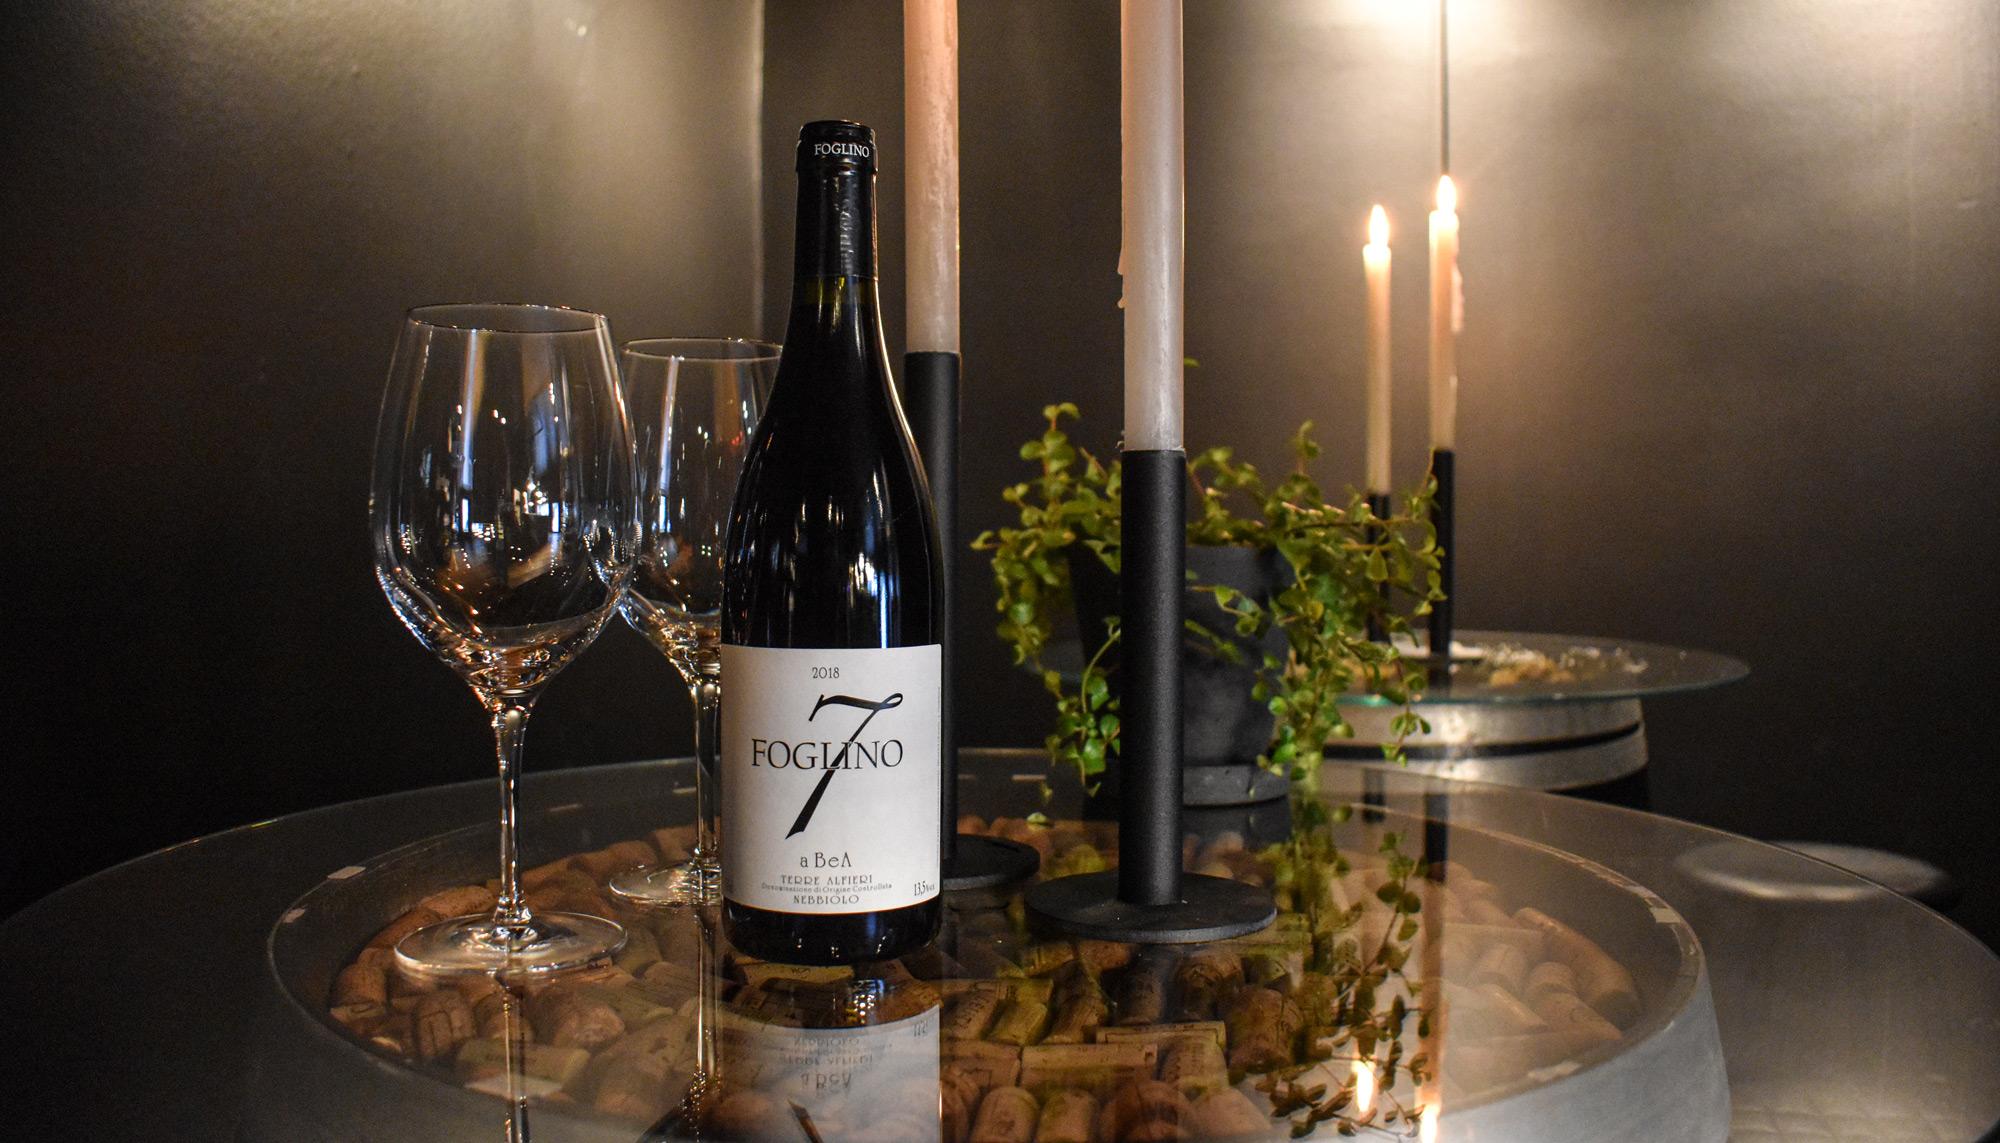 Mød vinbonden bag: Quist Wine inviterer til vin-event på Budolfi Plads